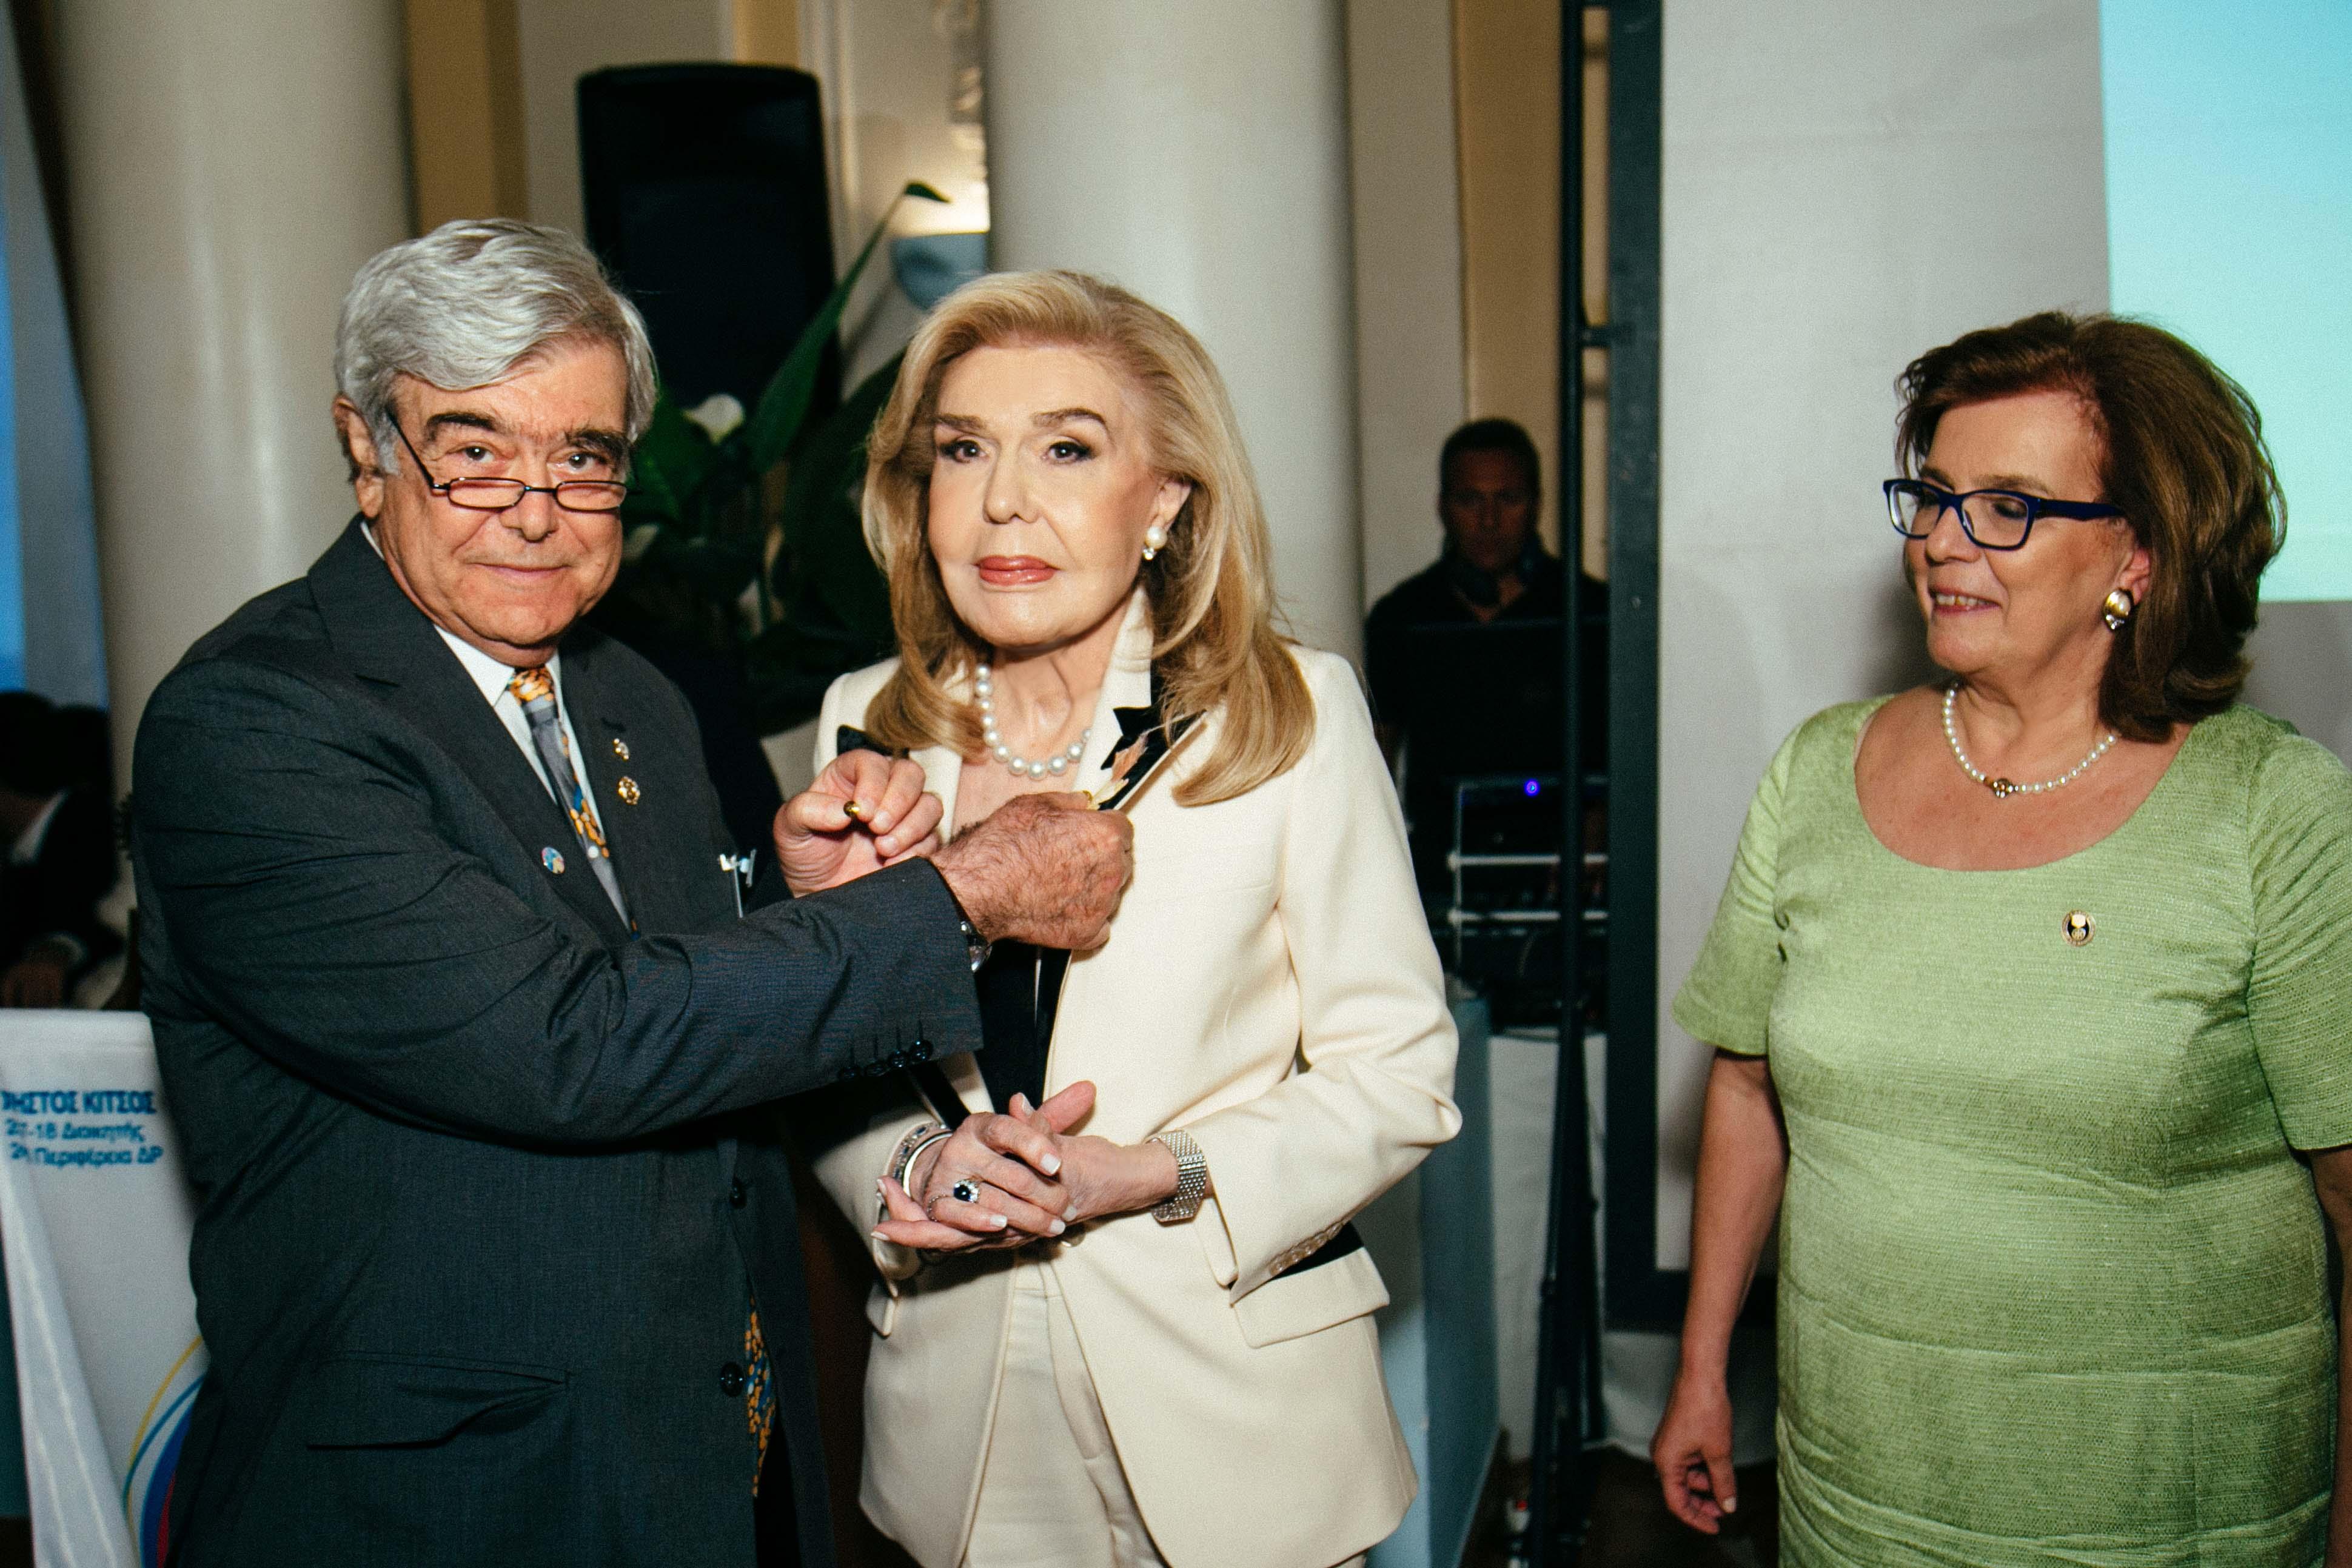 """Η κυρία Μαριάννα Β. Βαρδινογιάννη τιμήθηκε με τον τίτλο της """"Benefactor"""" από τον καθηγητή Χρήστο Κίτσο"""